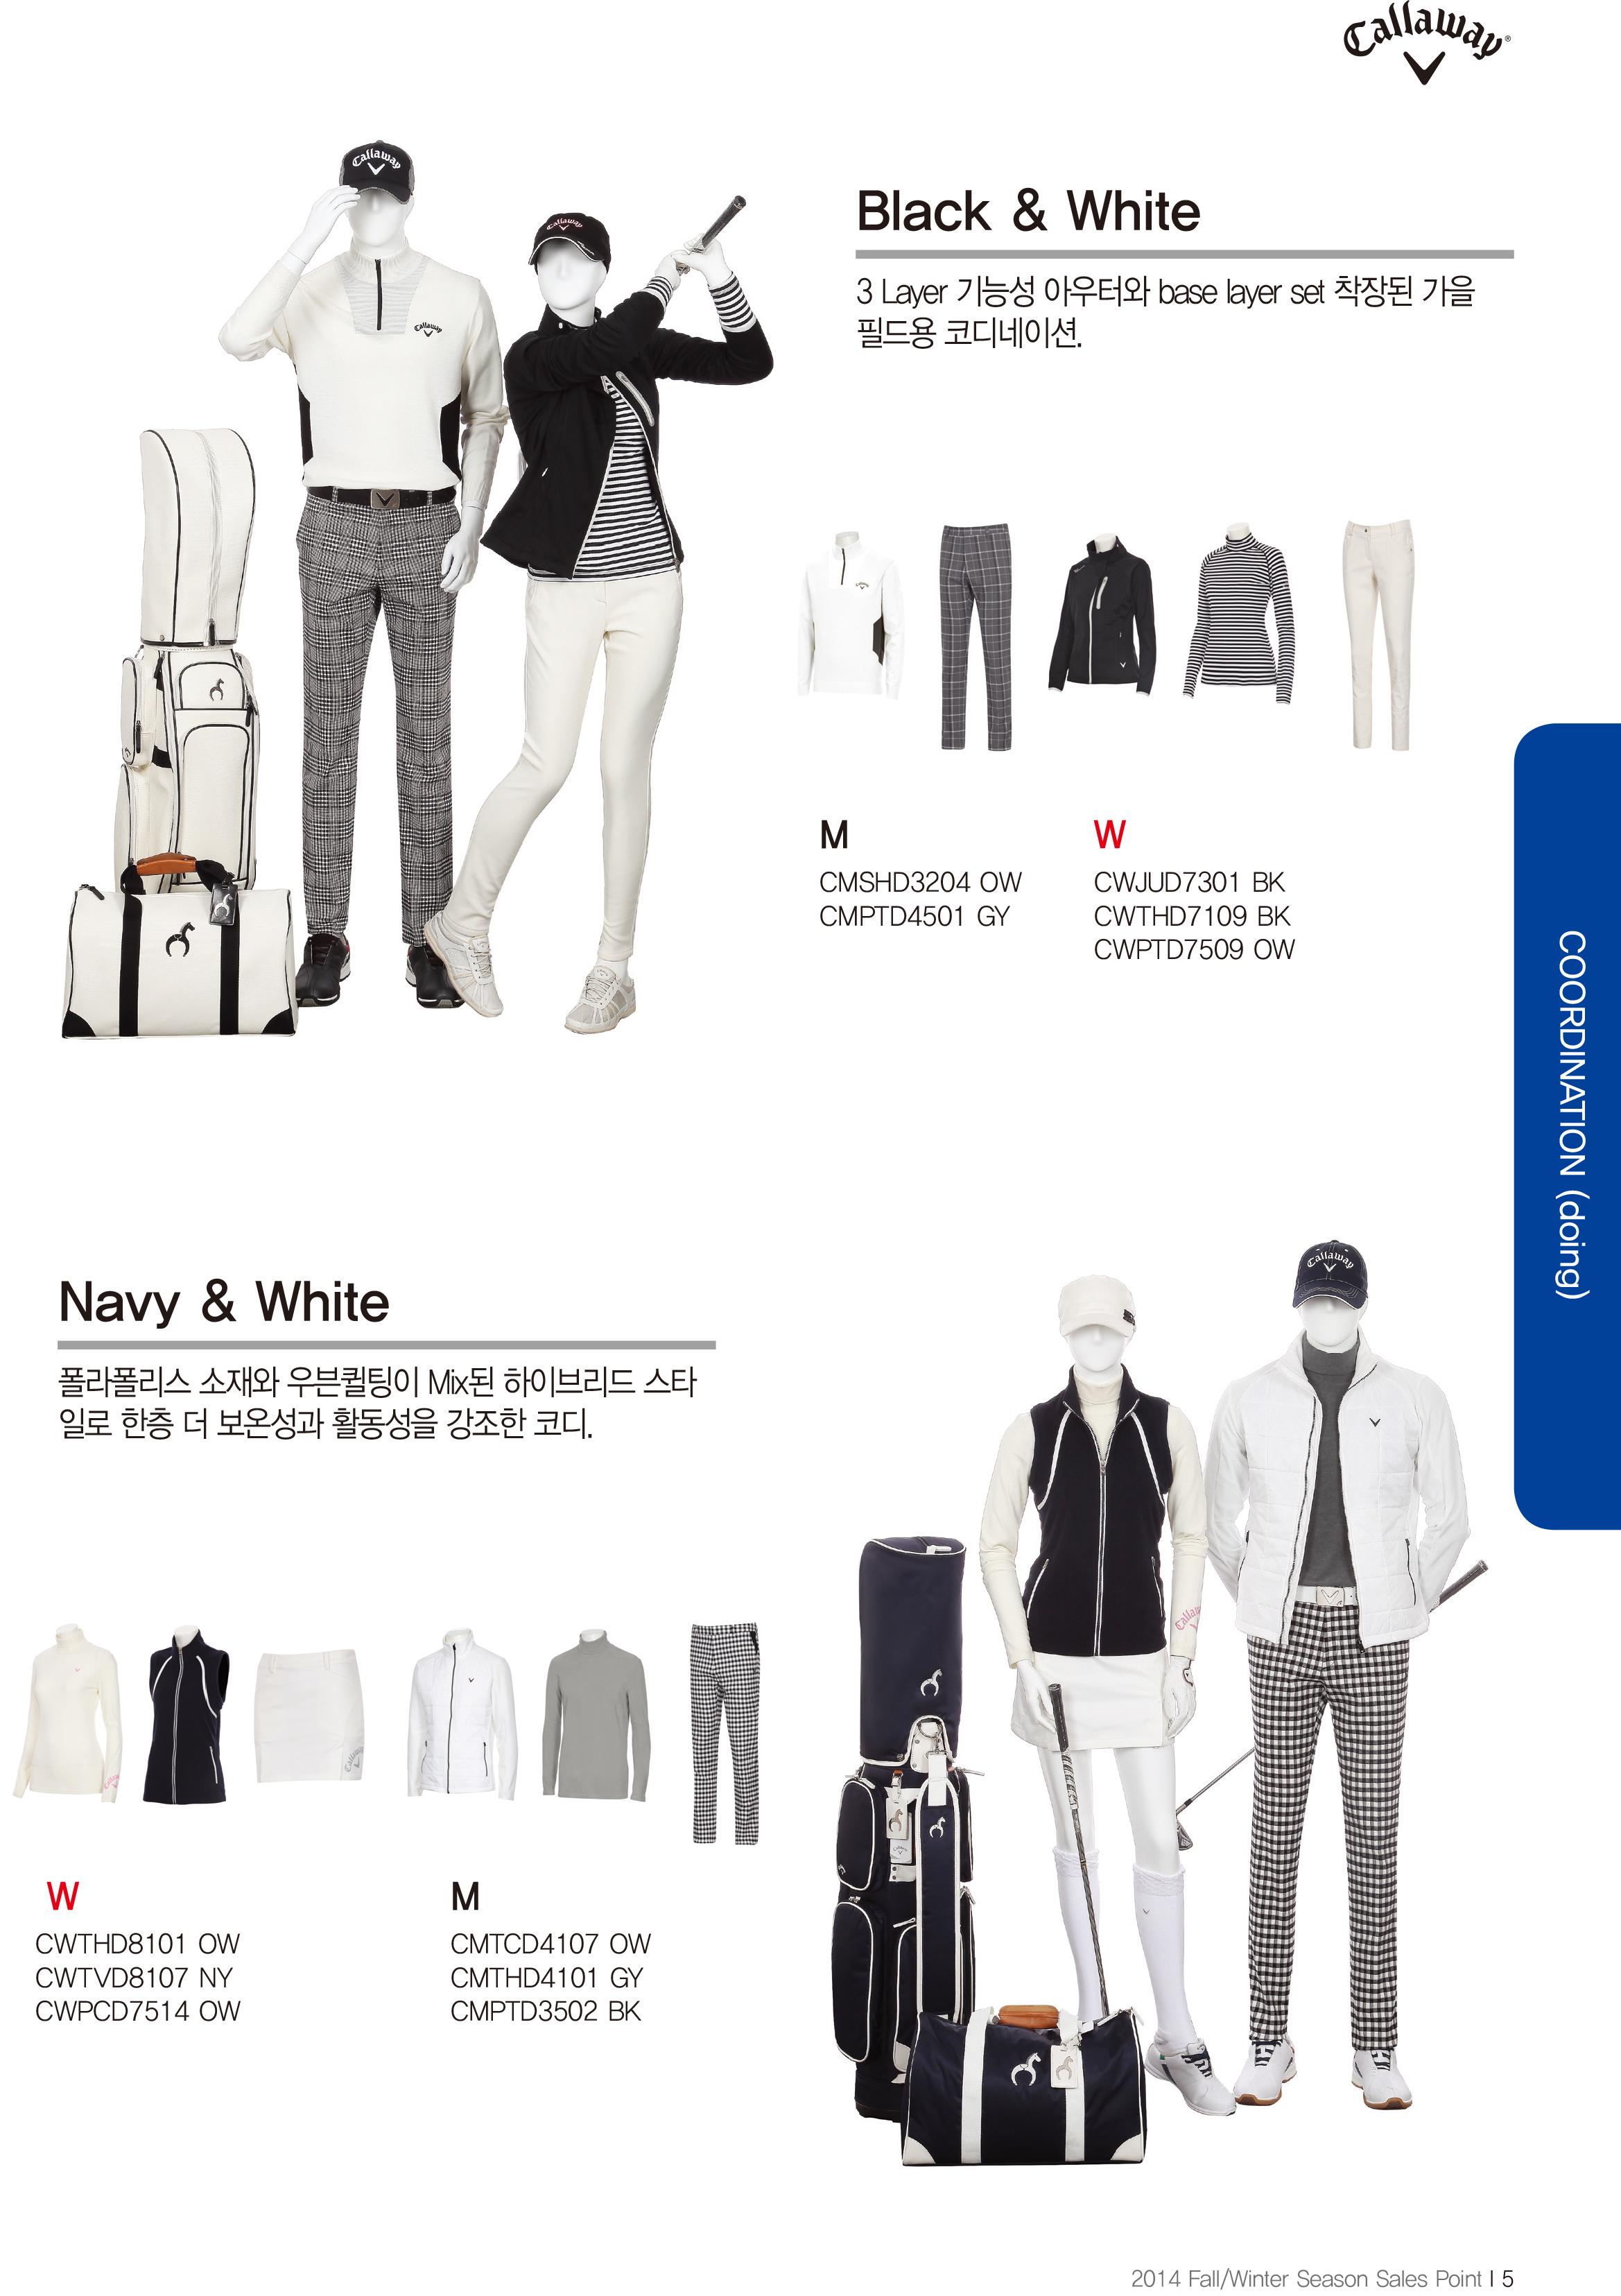 캘러웨이 2014 FW 제품설명서-1.jpg